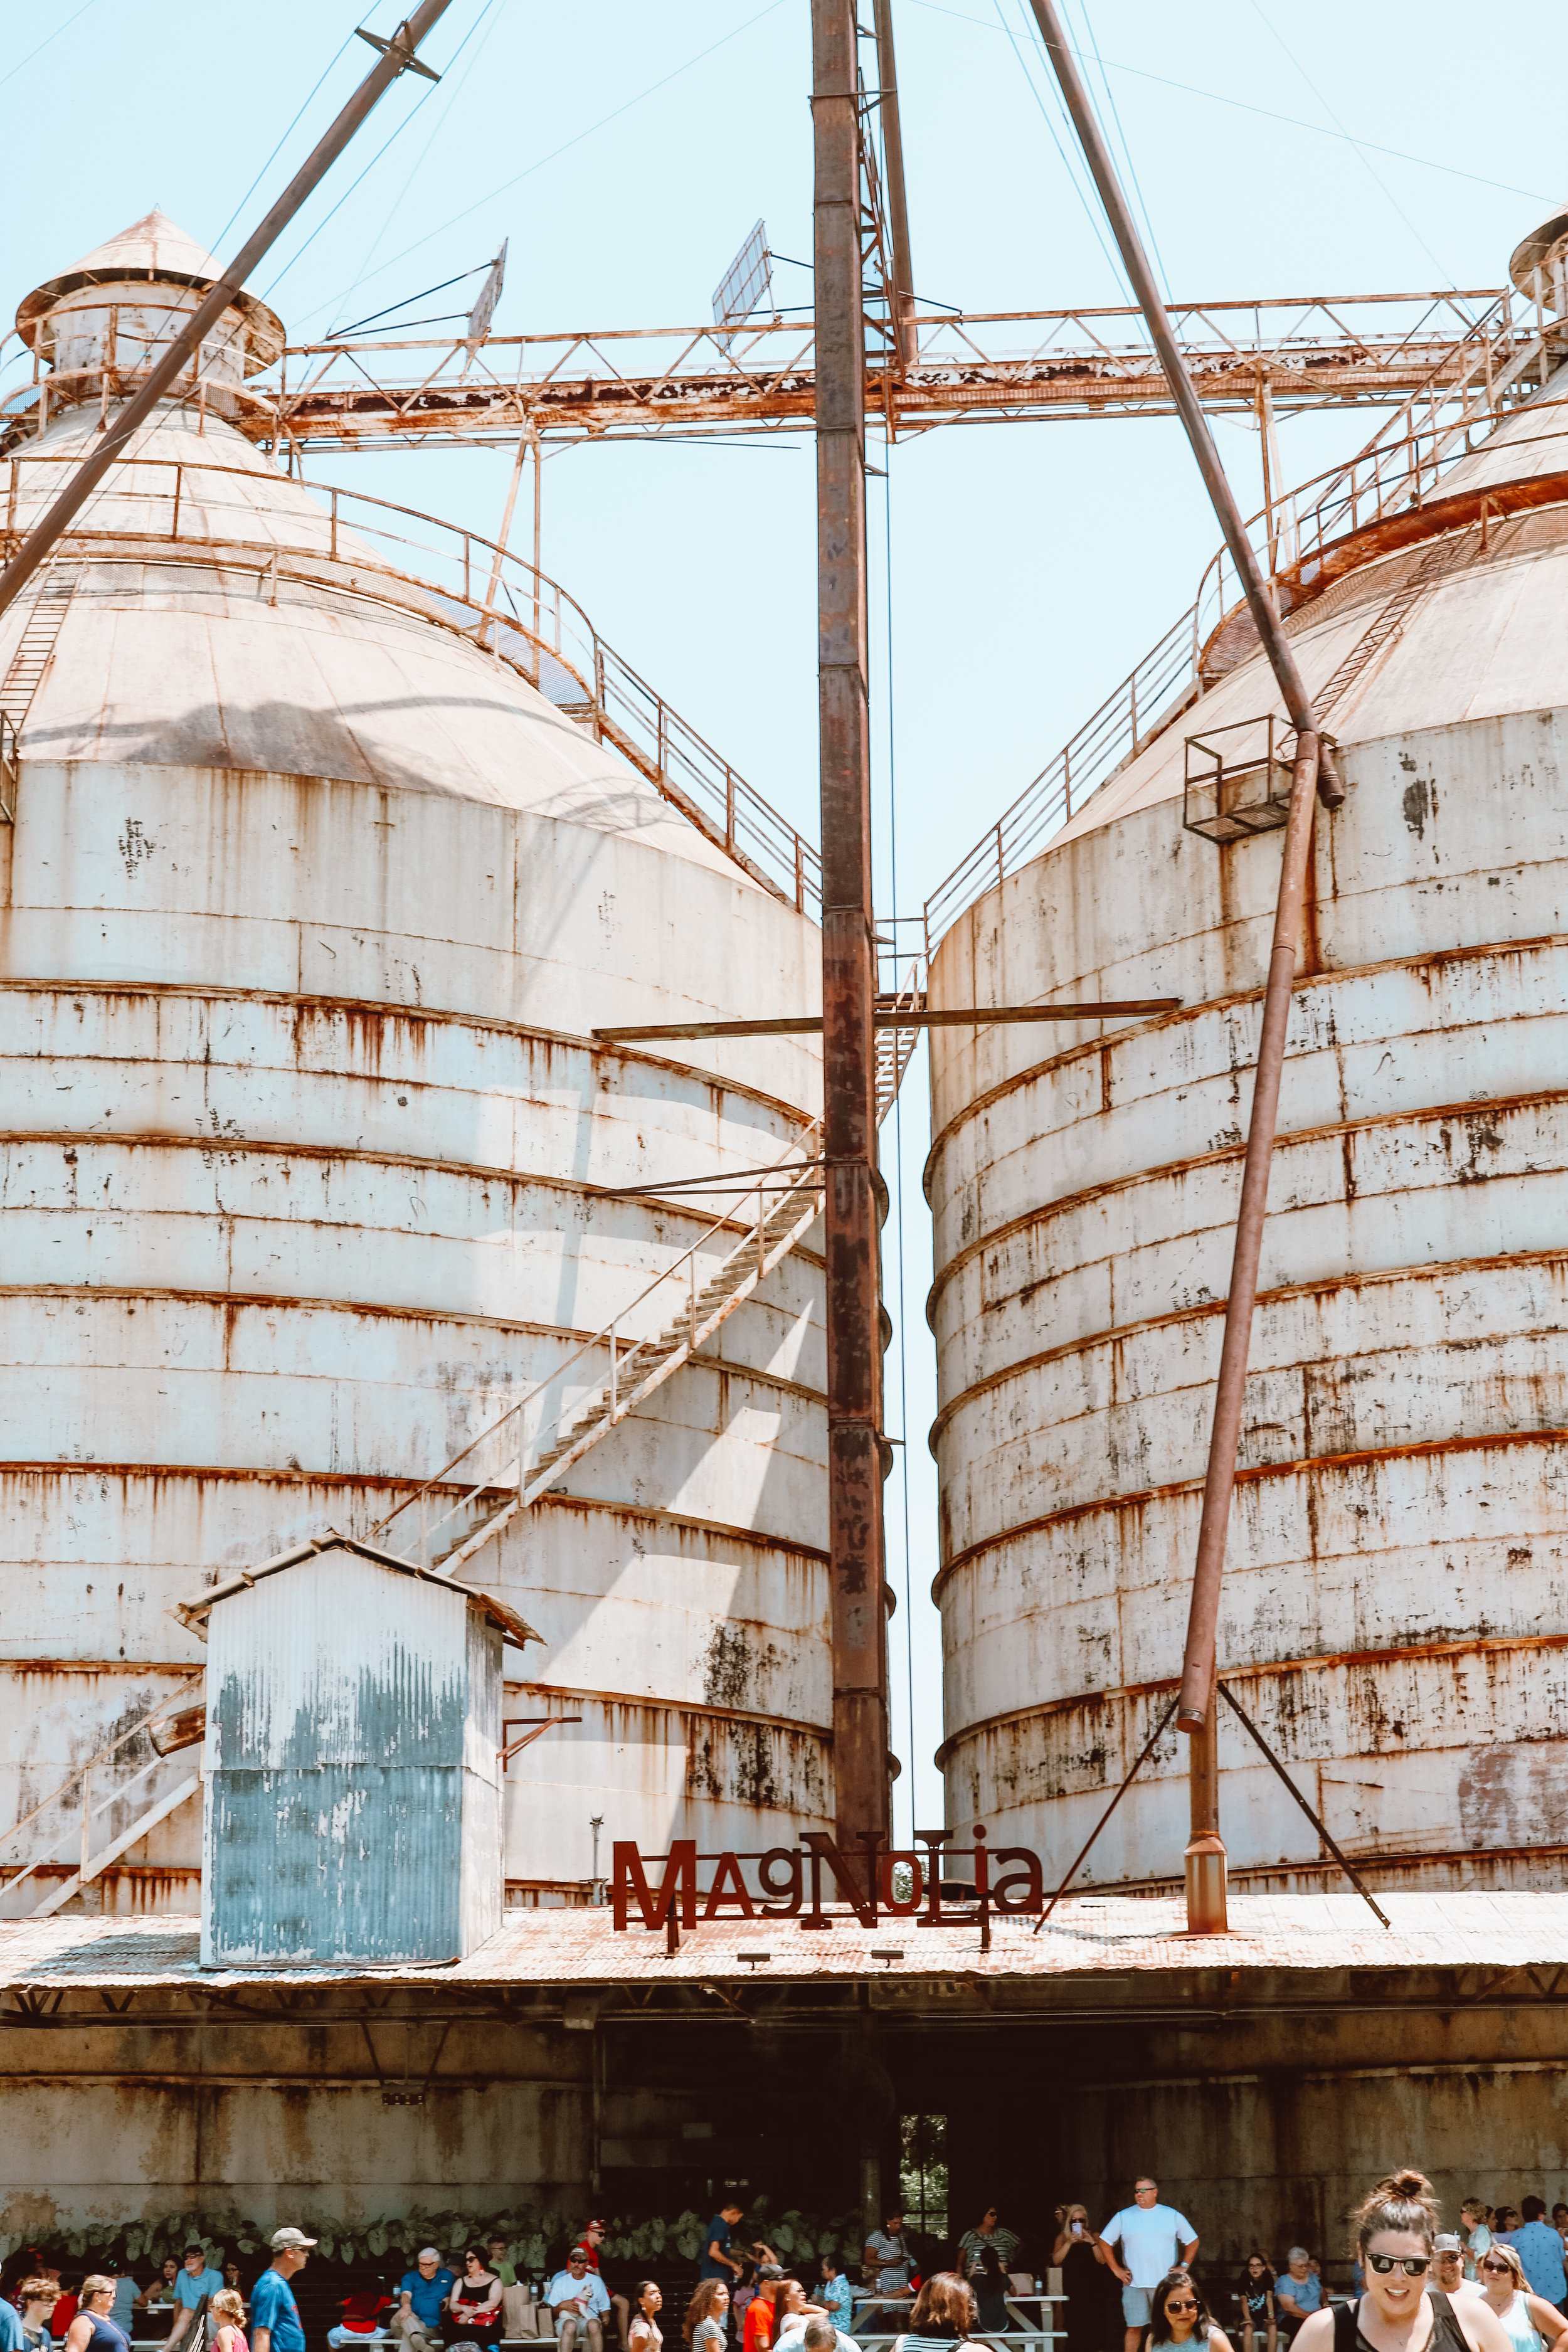 magnolia-silos-2.jpg